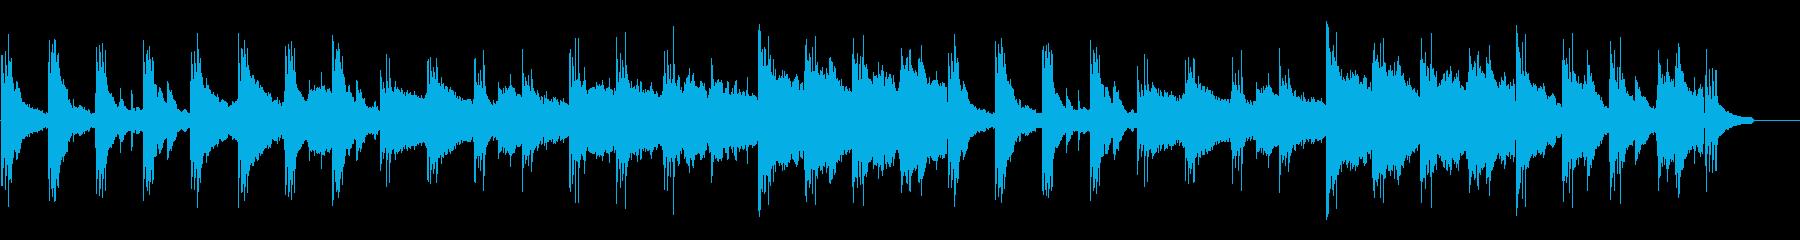 感動、美しい、ピアノ、弦、ノスタルジックの再生済みの波形